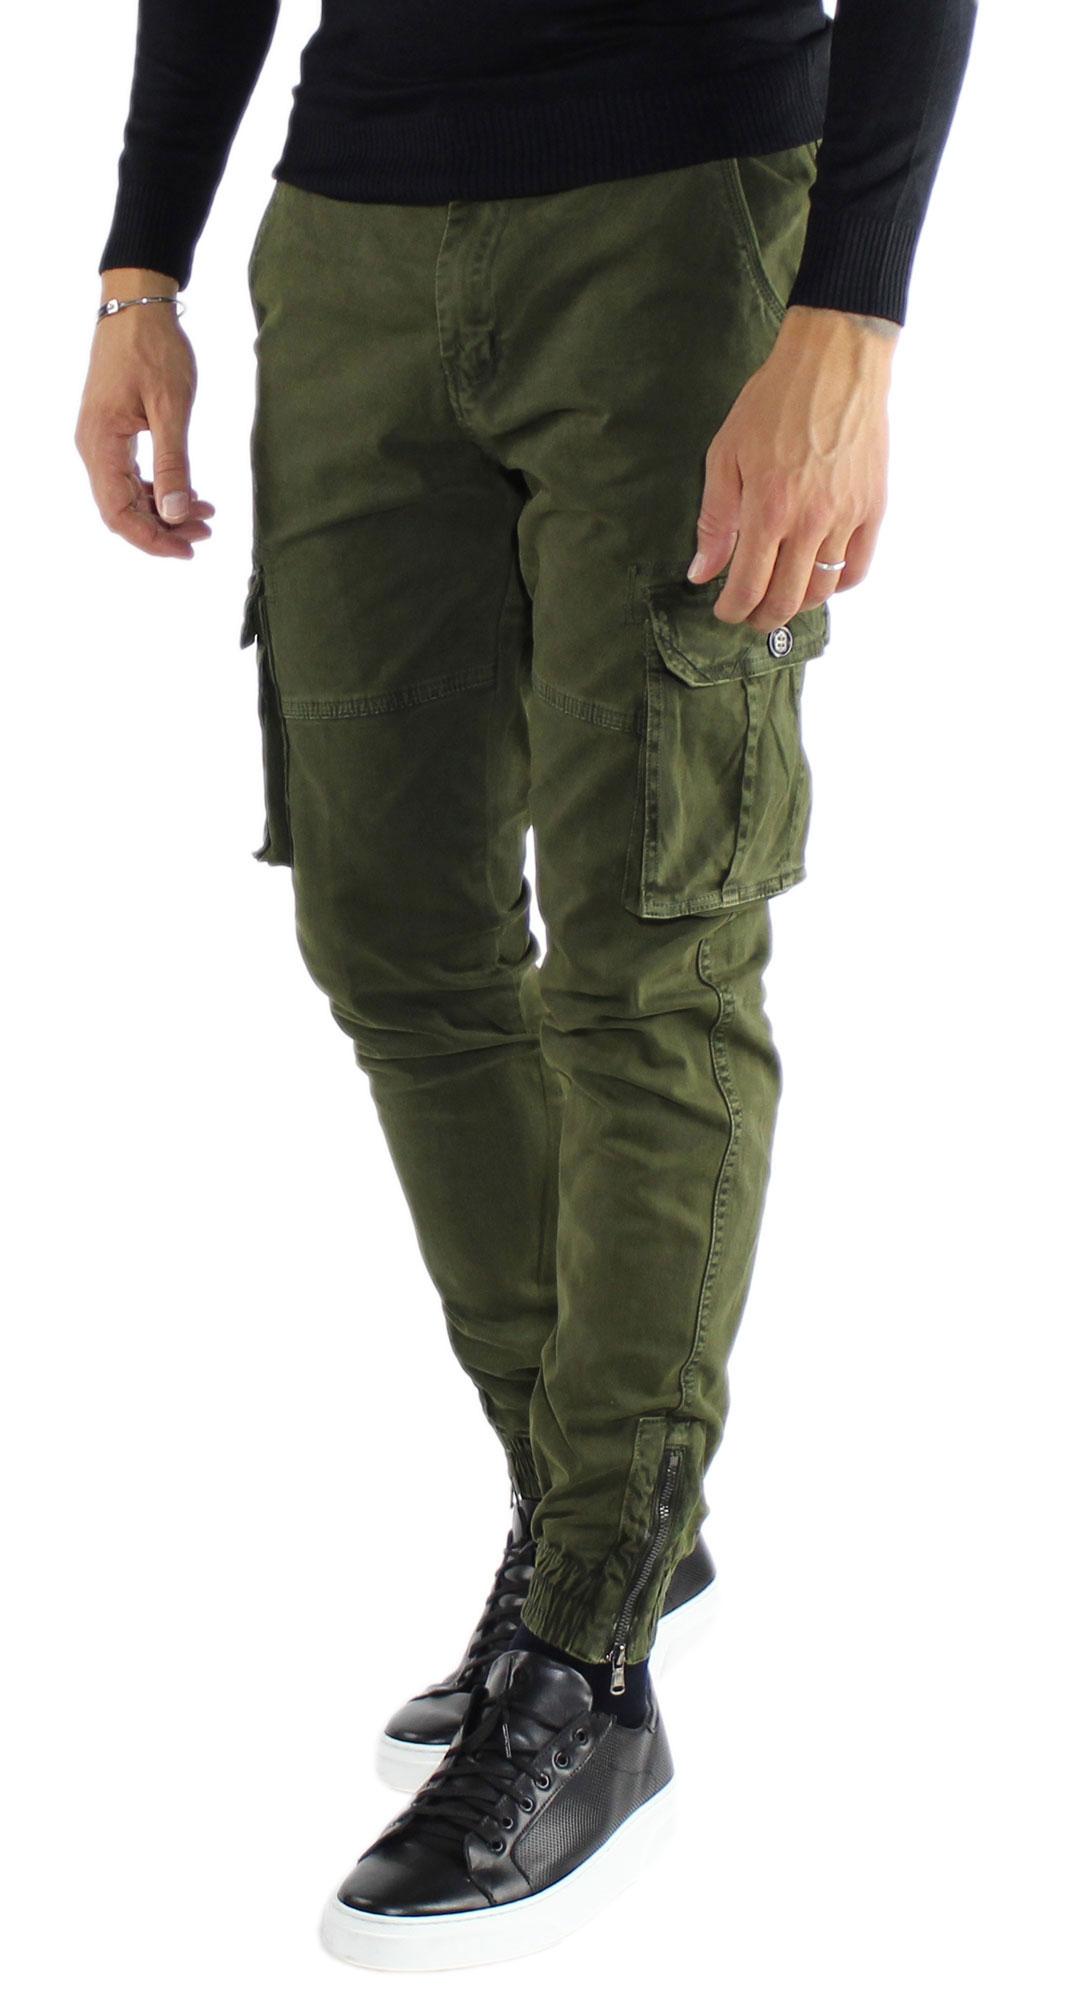 Pantaloni-Cargo-Uomo-Tasche-Laterali-Invernali-Cotone-Slim-Fit-Tasconi-Casual miniatura 11